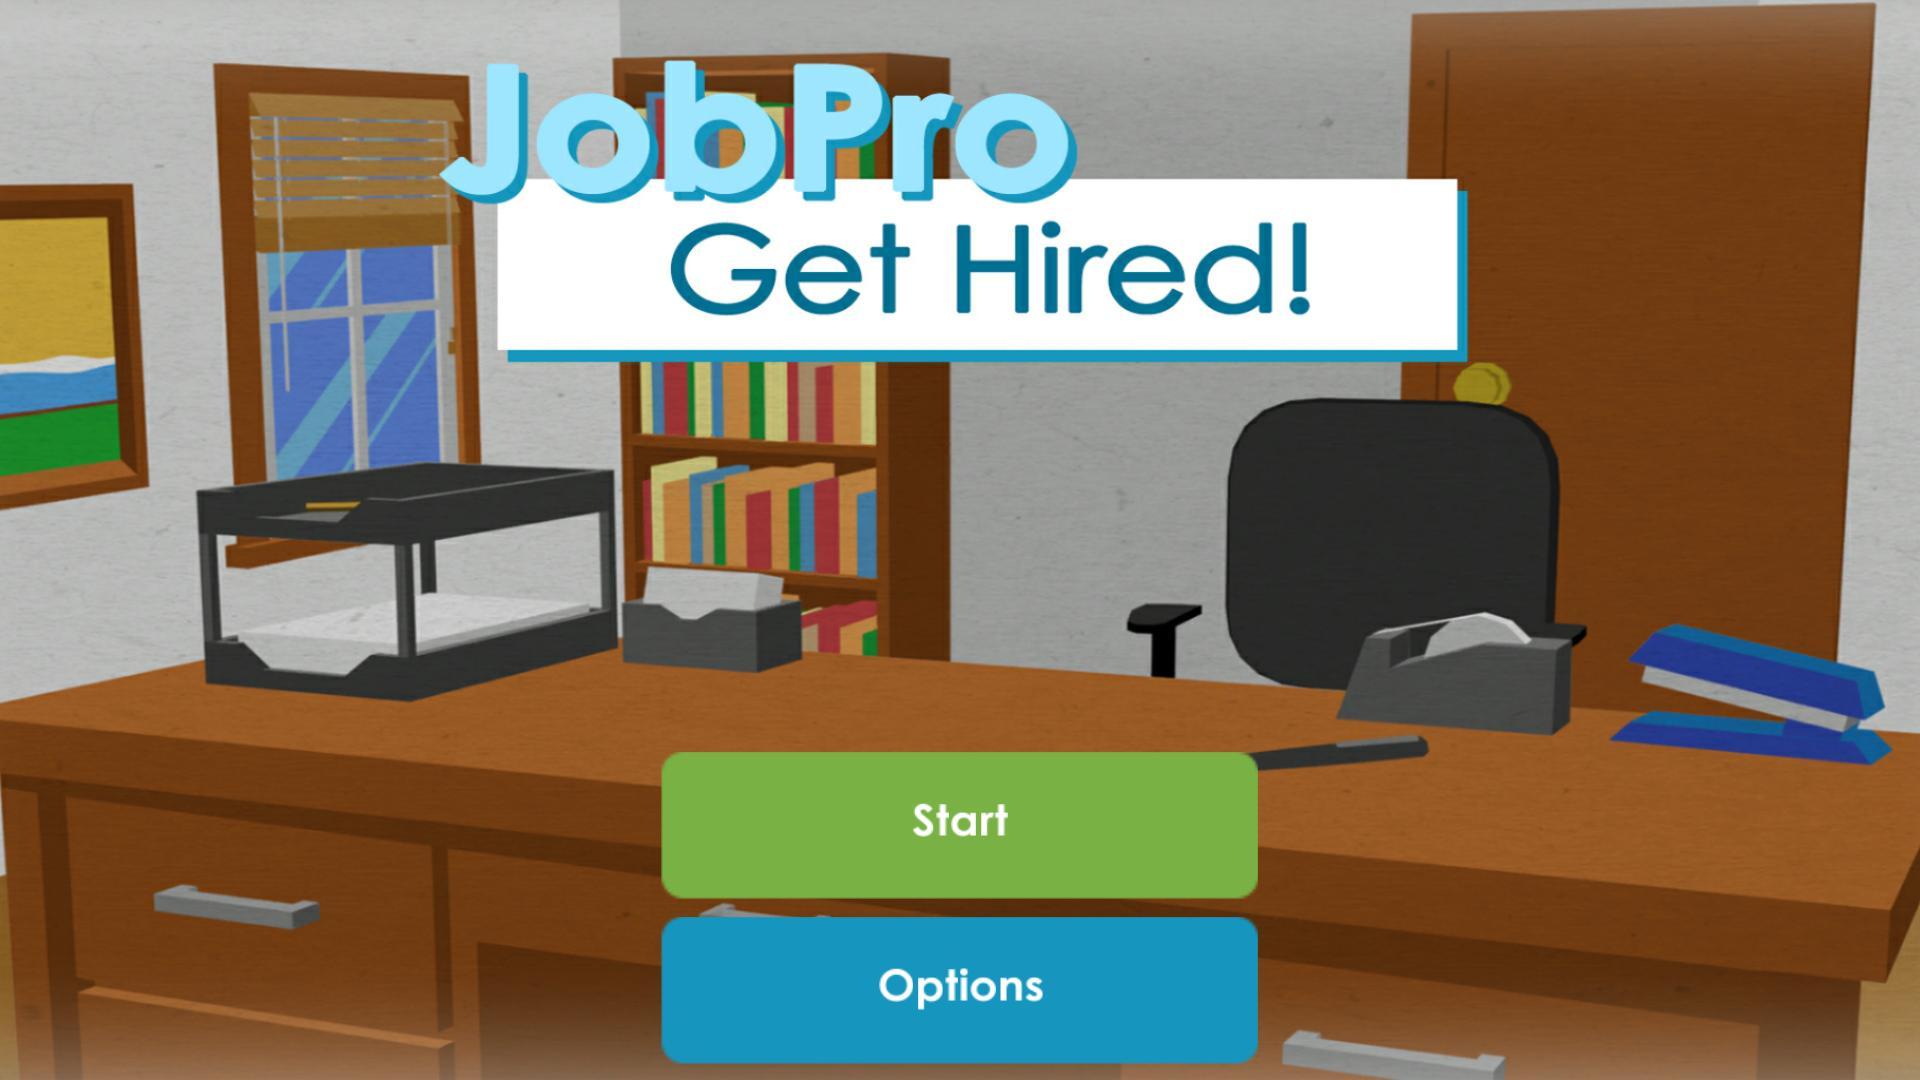 JobPro: Get Hired! 1.5 Screenshot 6